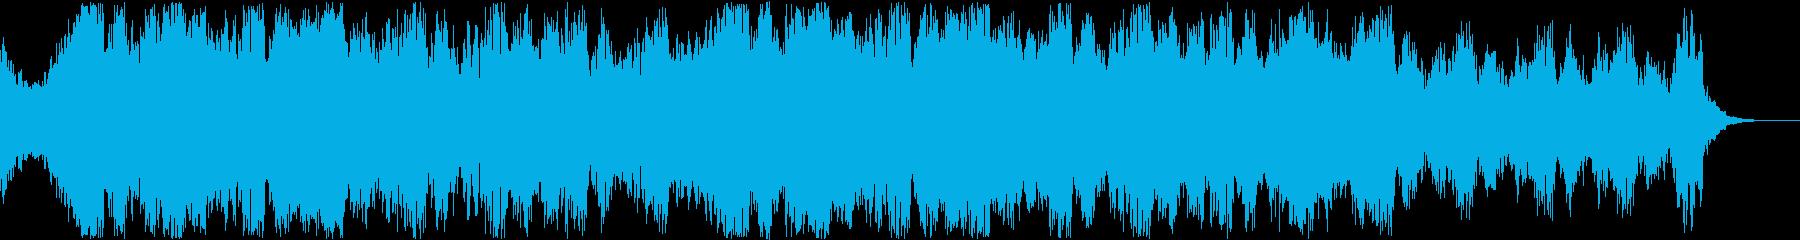 ドラマのサントラ風オーケストラ01_Bの再生済みの波形